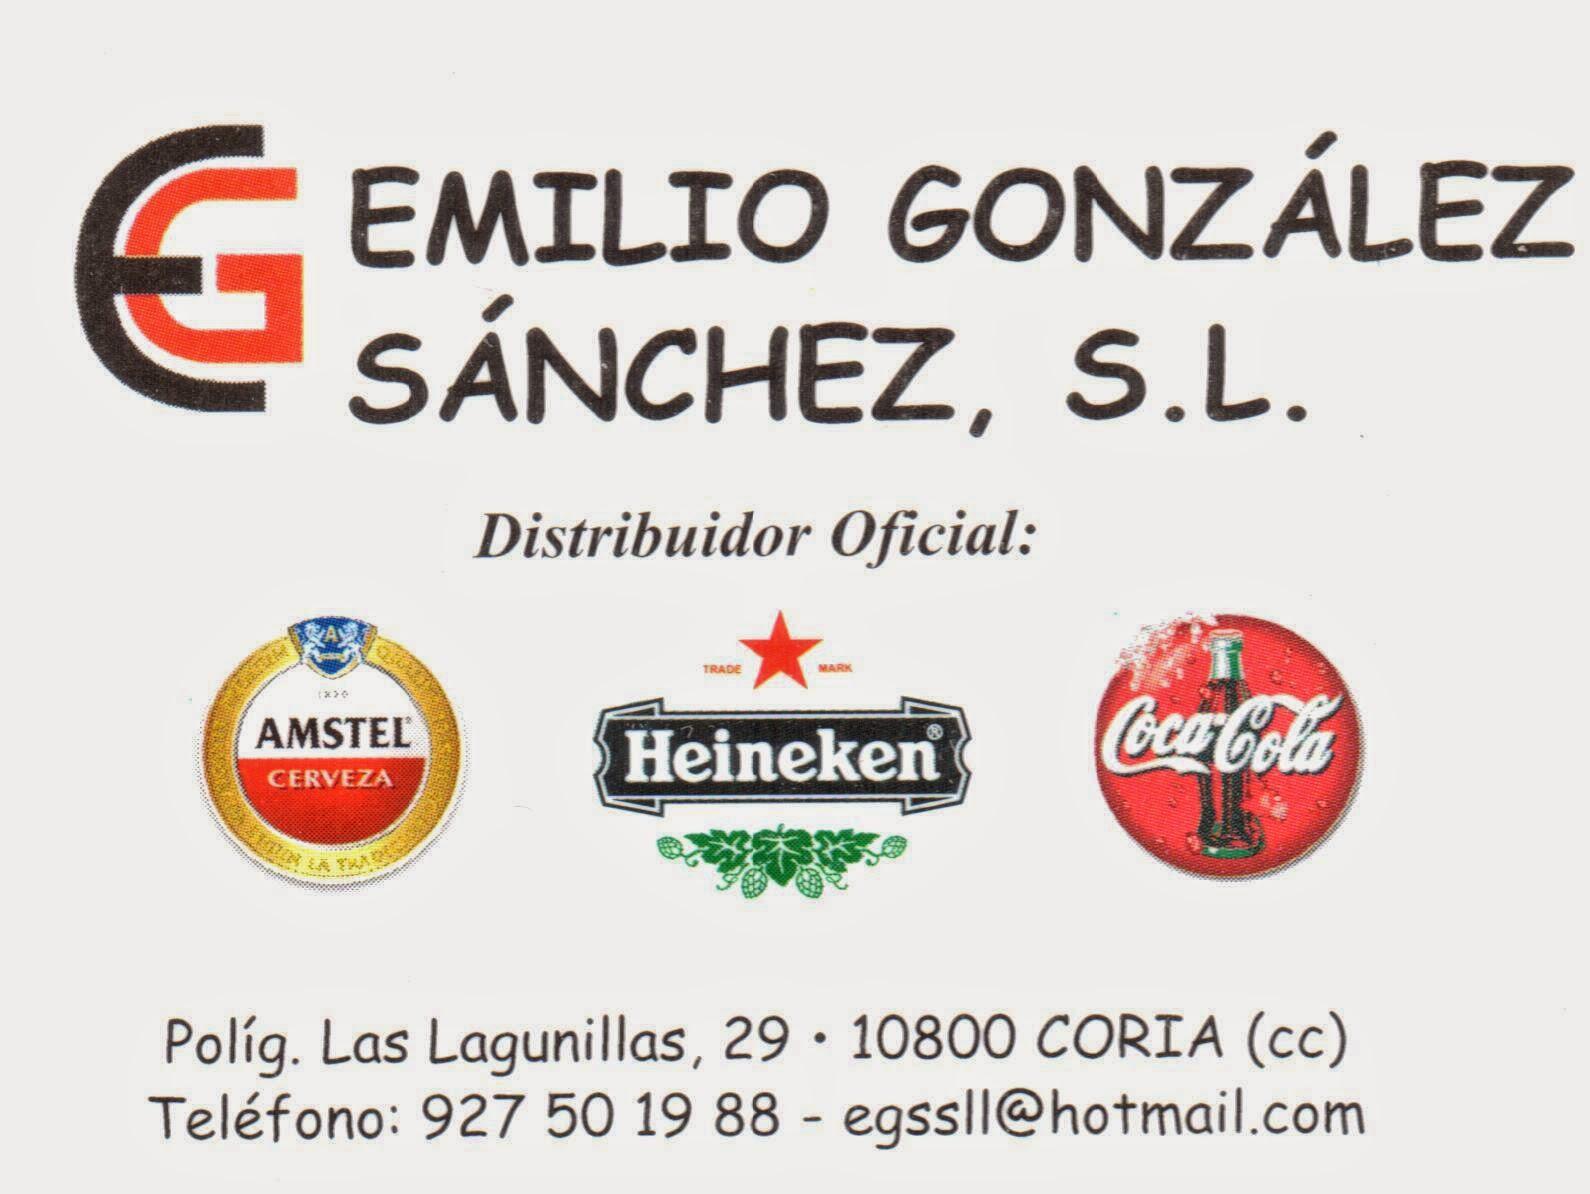 EMILIO GONZALEZ SANCHEZ, S.L.